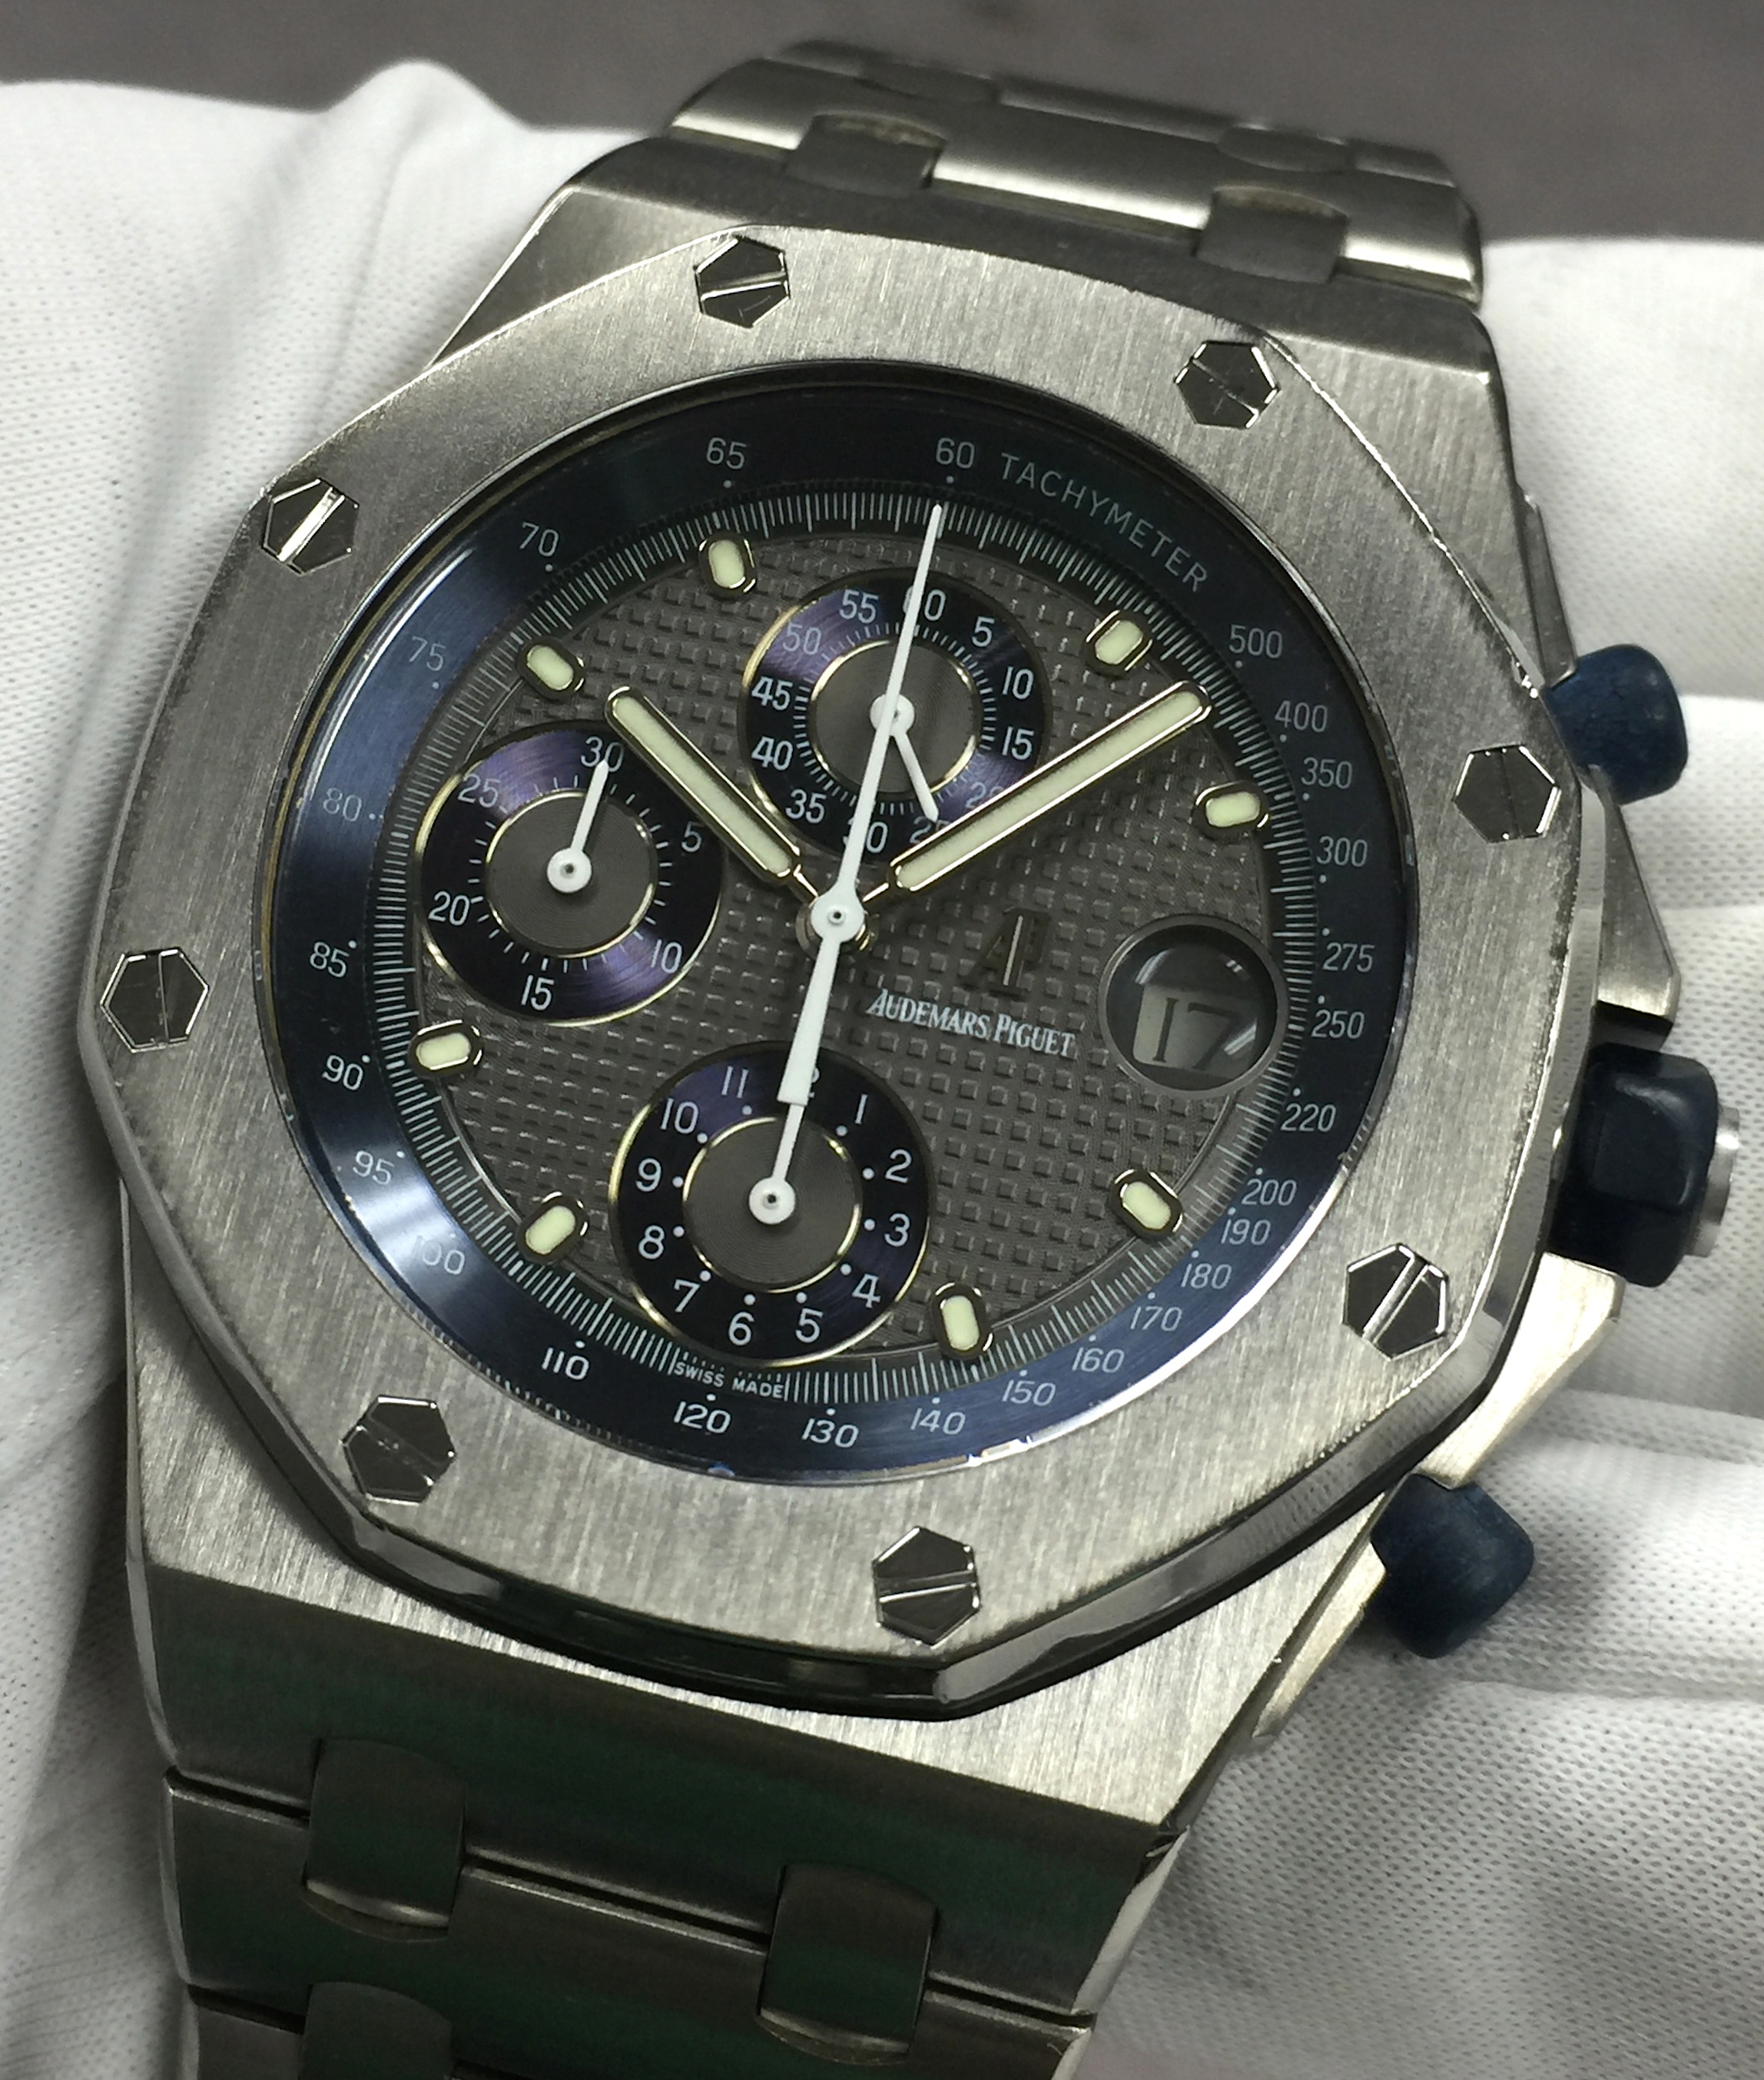 Ap audemars piguet royal oak offshore titanium chronograph charcoal blue waffle dial for Ap royal oak offshore chronograph